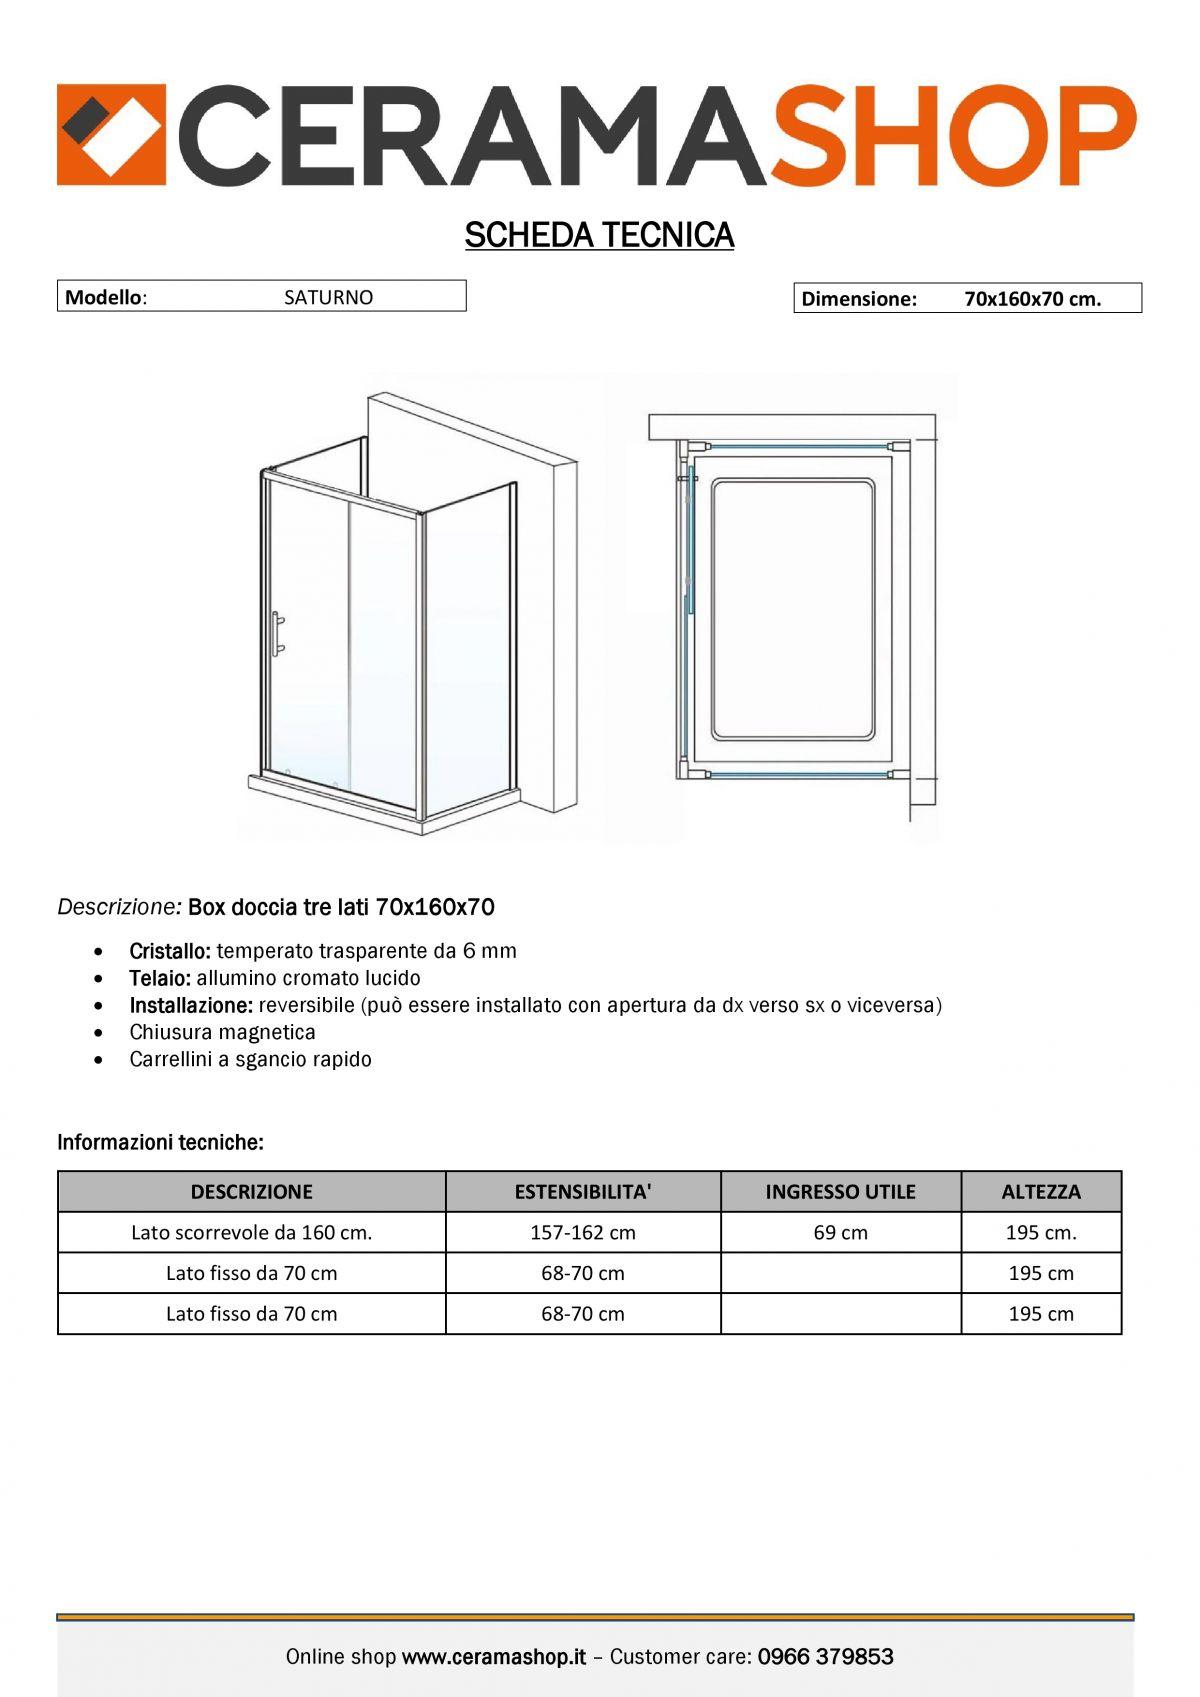 """70x160x70 0000012 scaled Box Cabina doccia tre lati """"Saturno"""" 70x160x70 cm scorrevole cristallo trasparente 6 mm"""